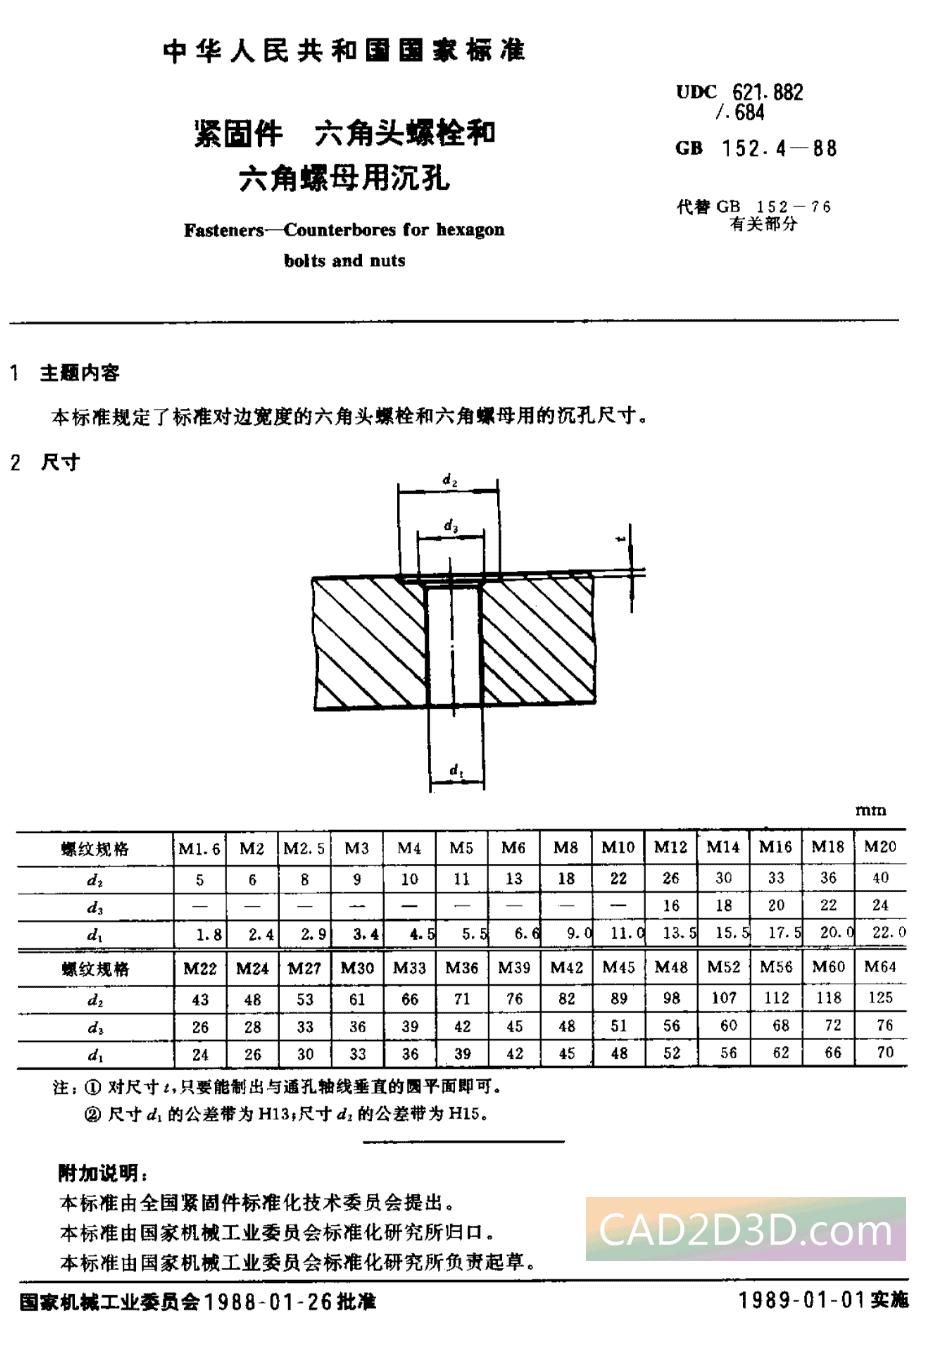 六角头螺栓和六角螺母使用时为什么要沉孔(锪孔) GB 152.4